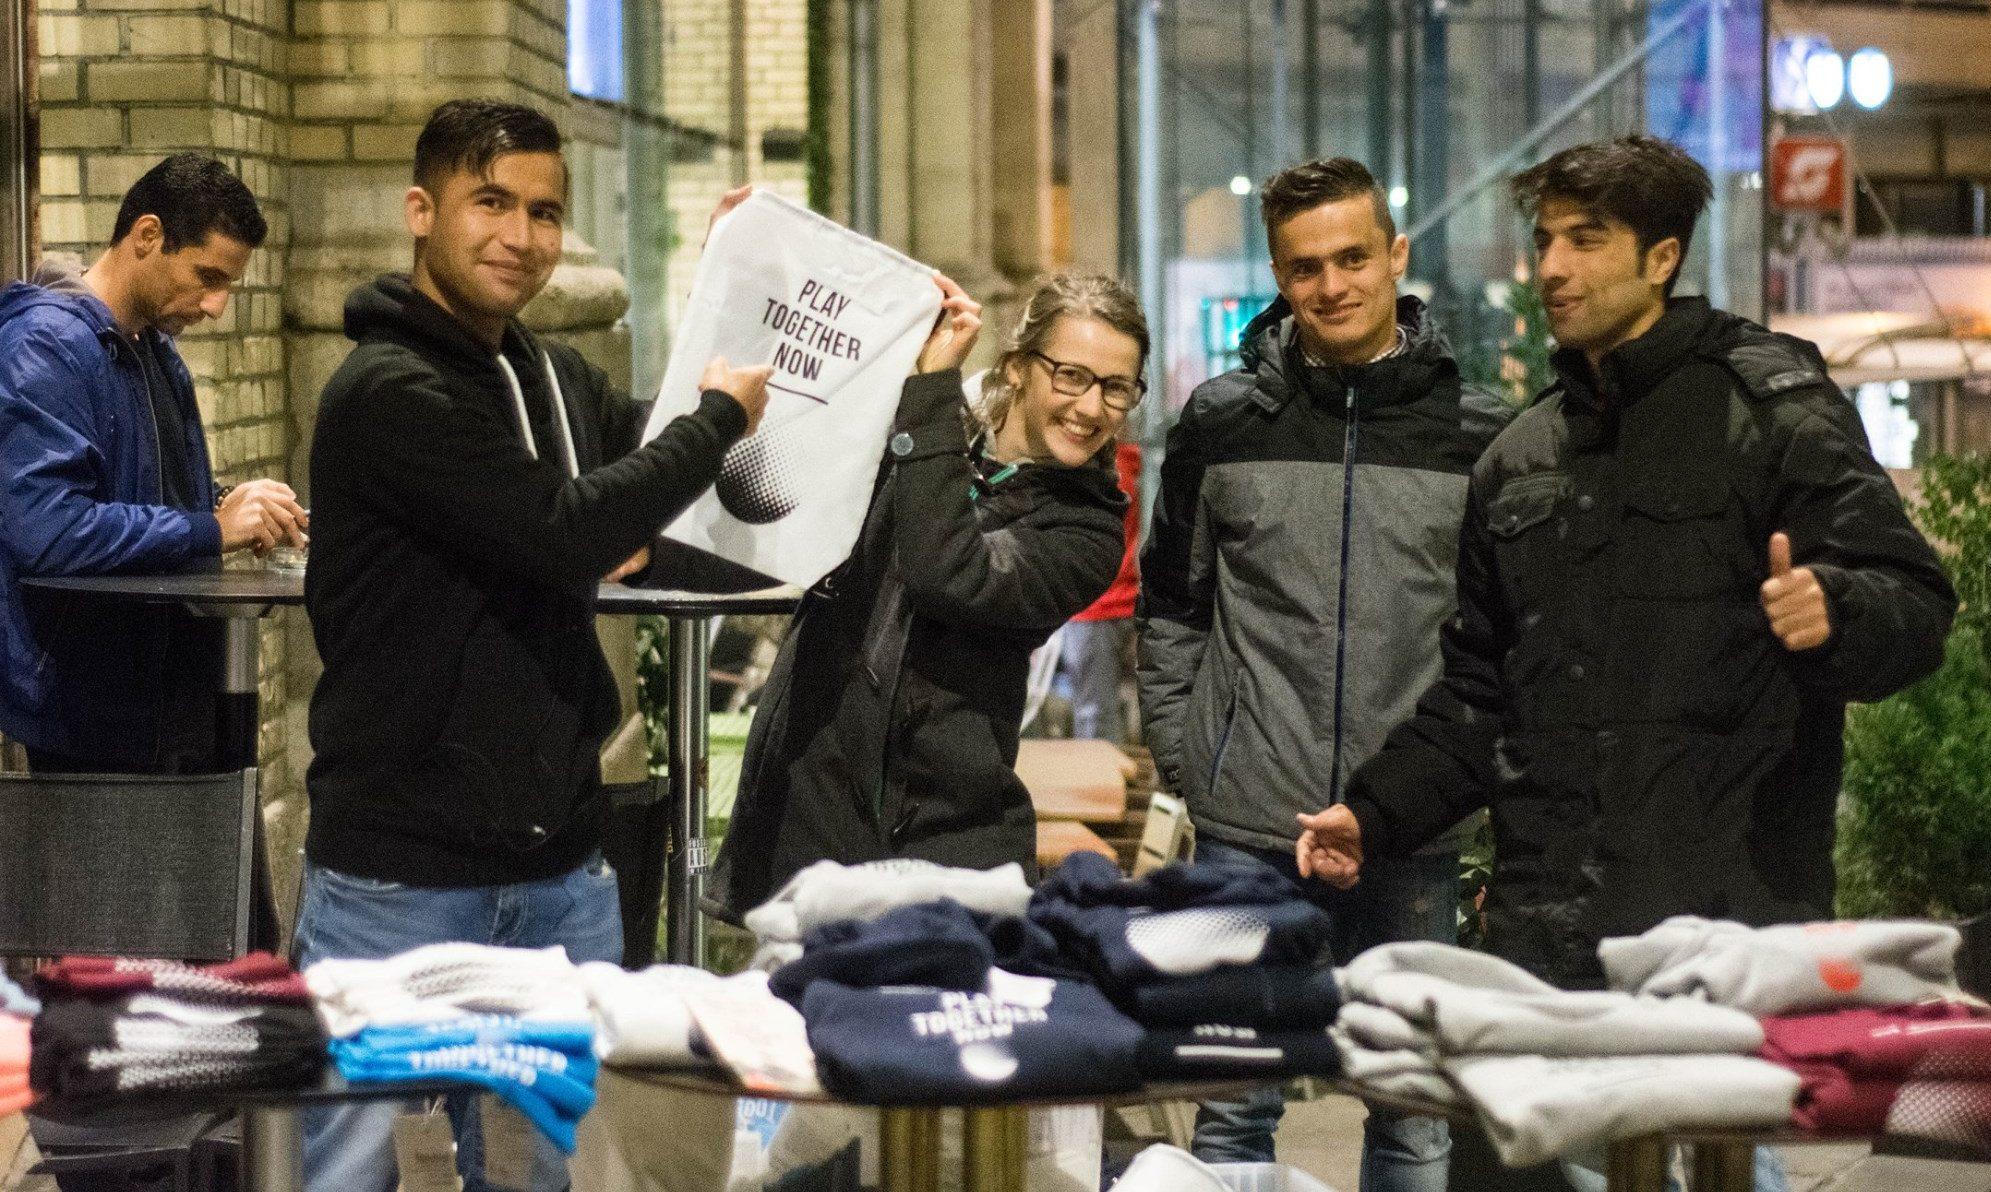 Represent Jugendliche verkaufen T-Shirts mit Logo